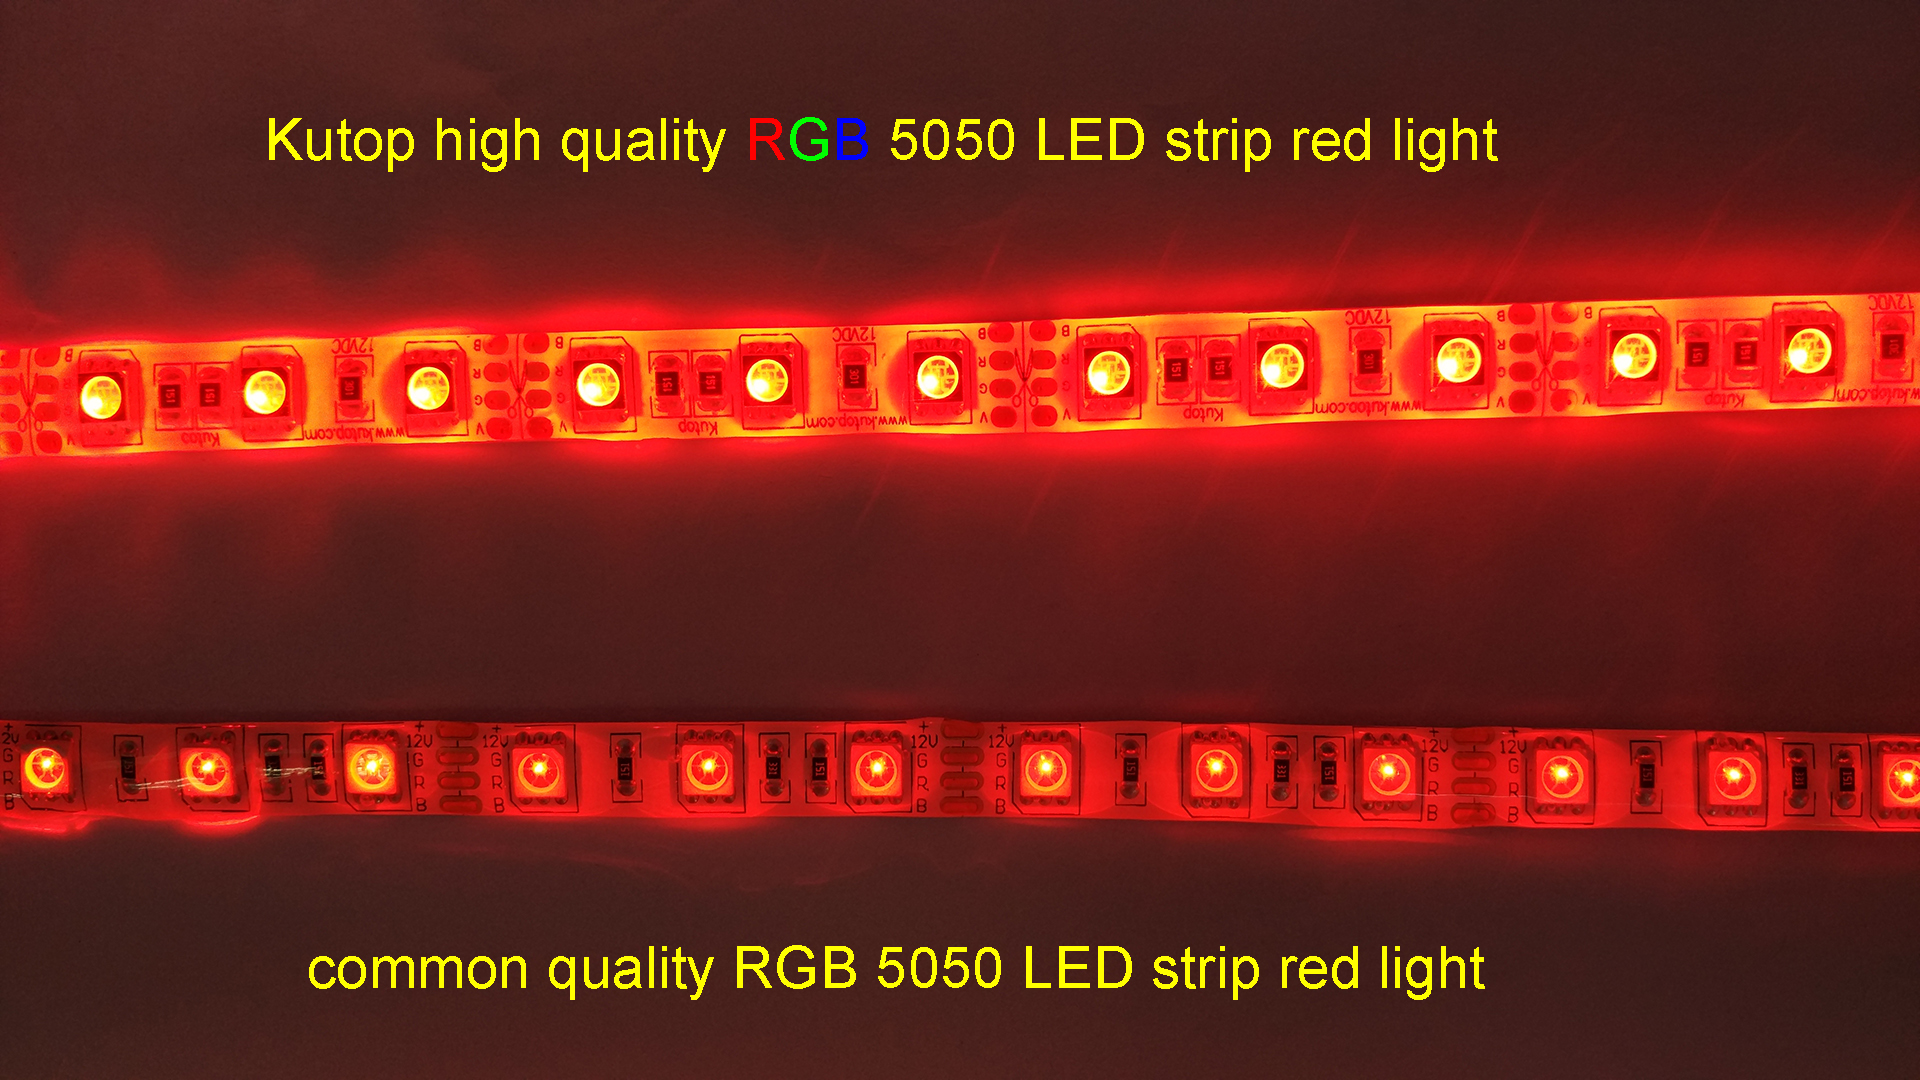 Kutop alta calidad RGB 5050 luz roja tira de LED